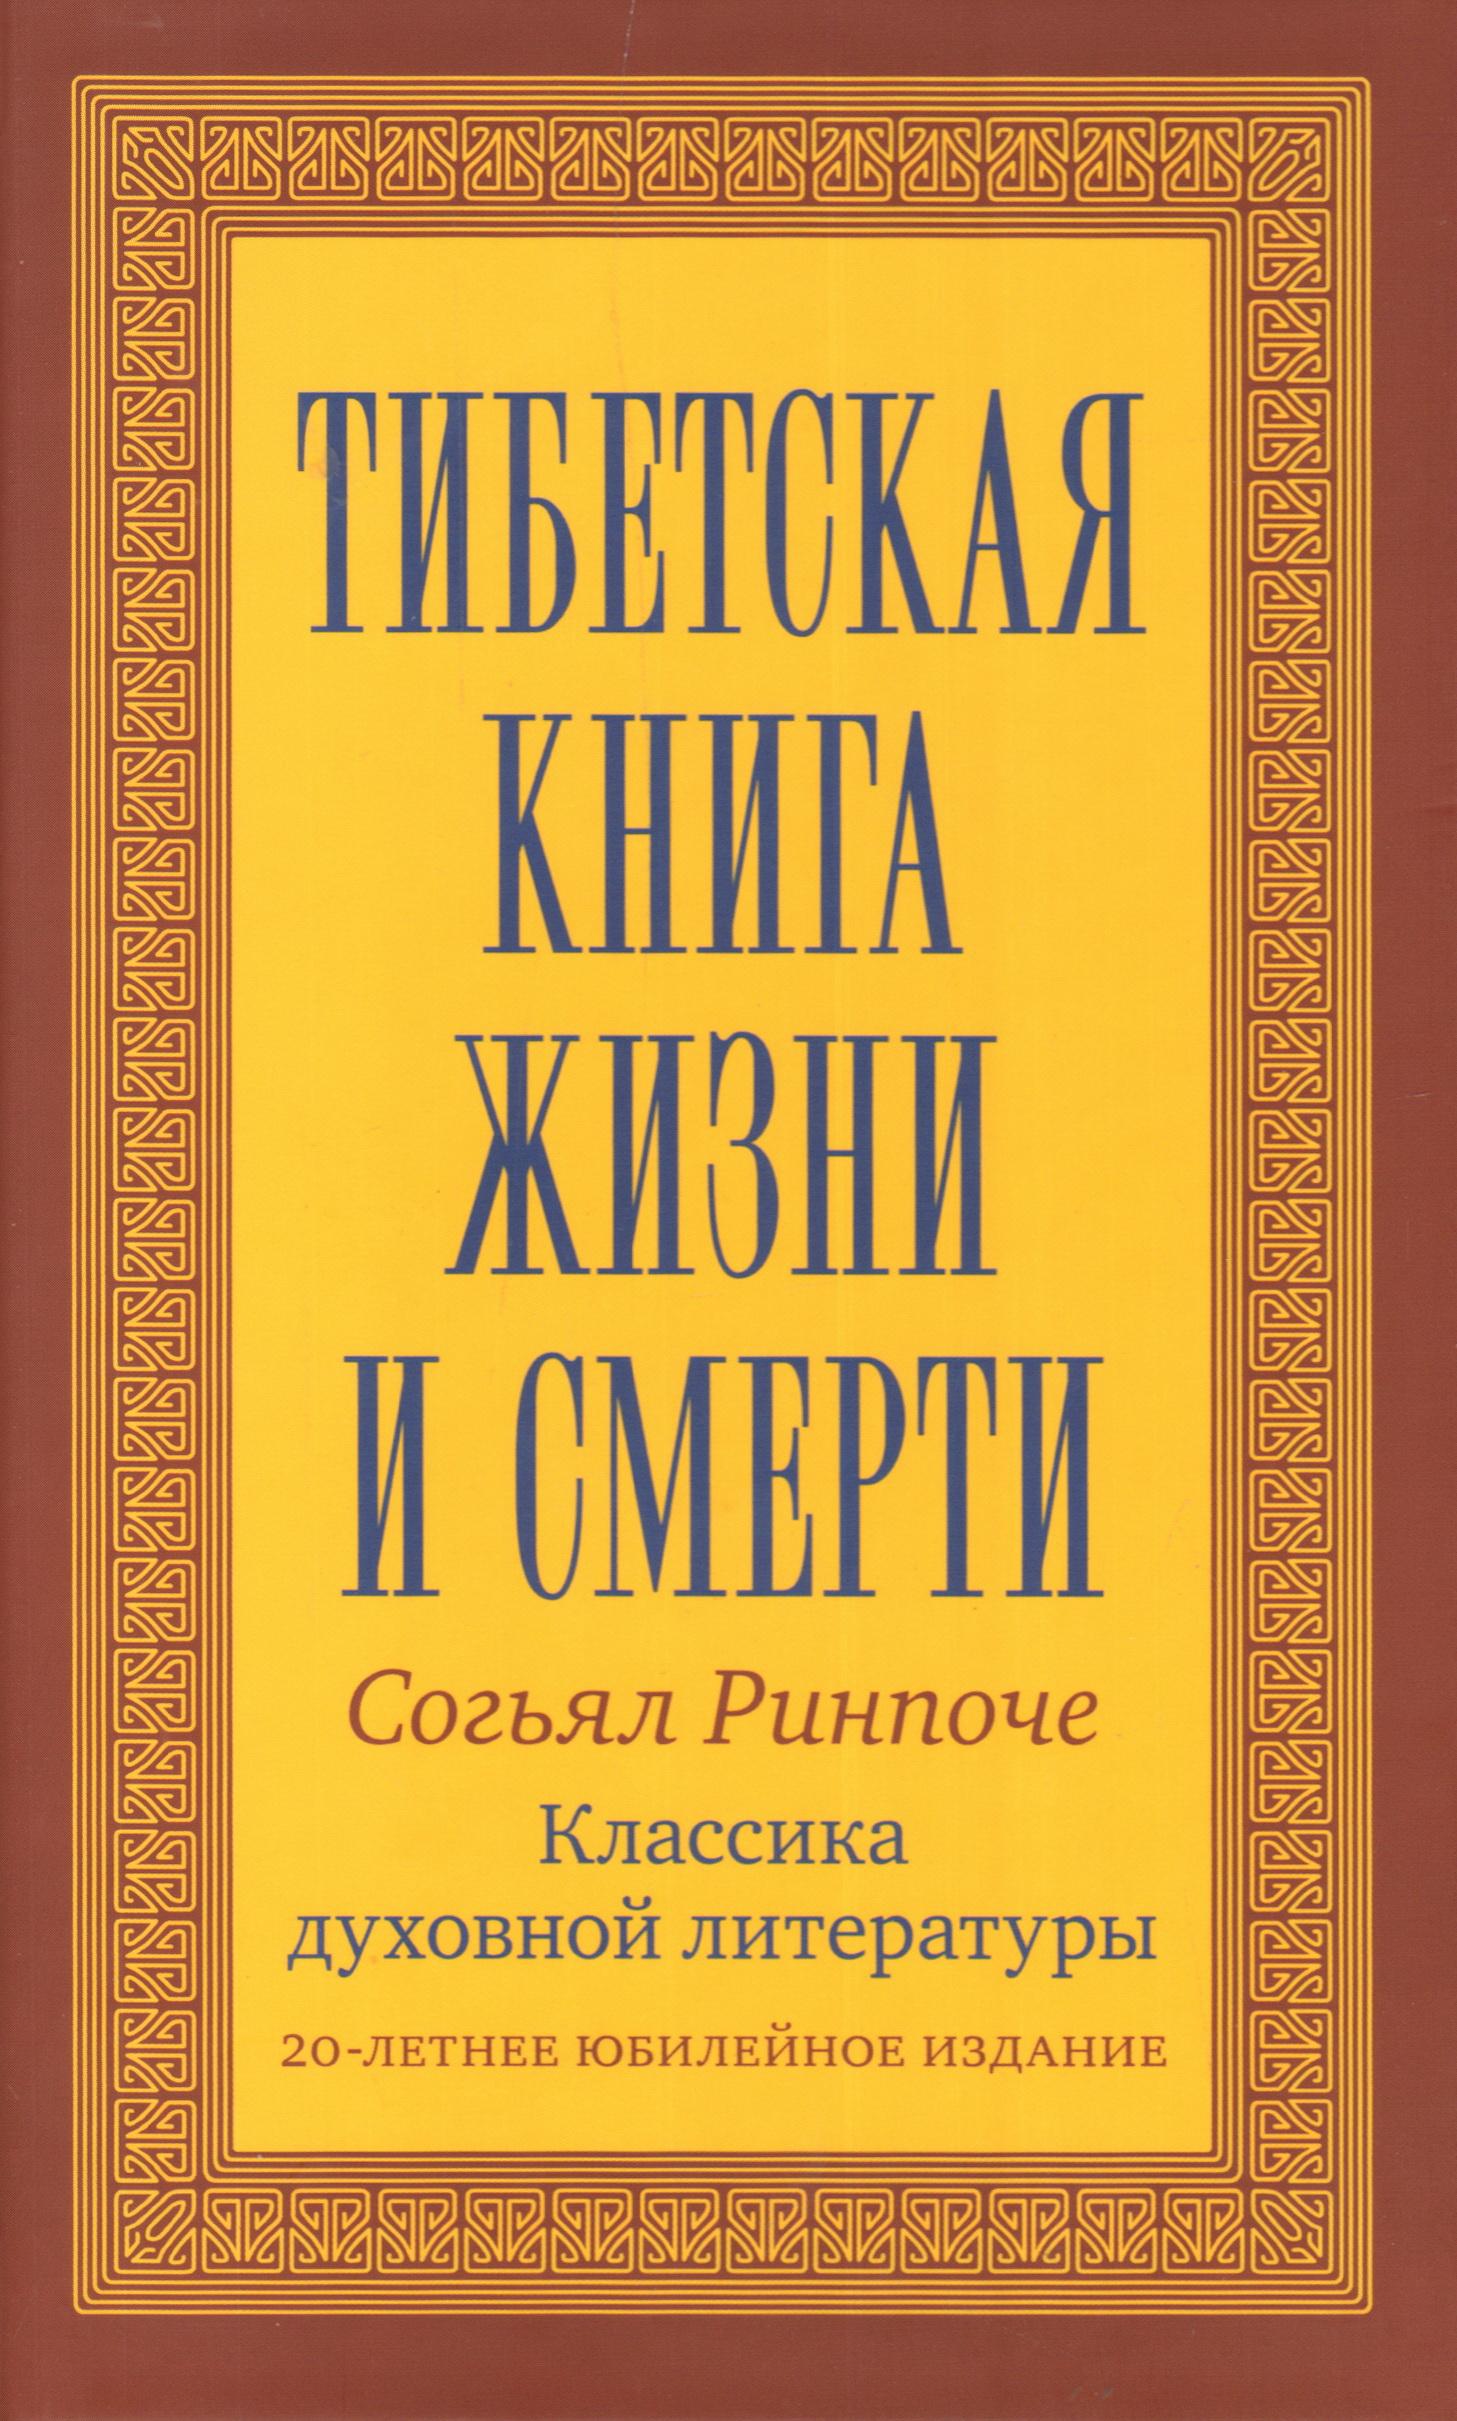 Тибетская книга жизни и смерти.Классика духовной литературы.20-летнее юбилейное изд.